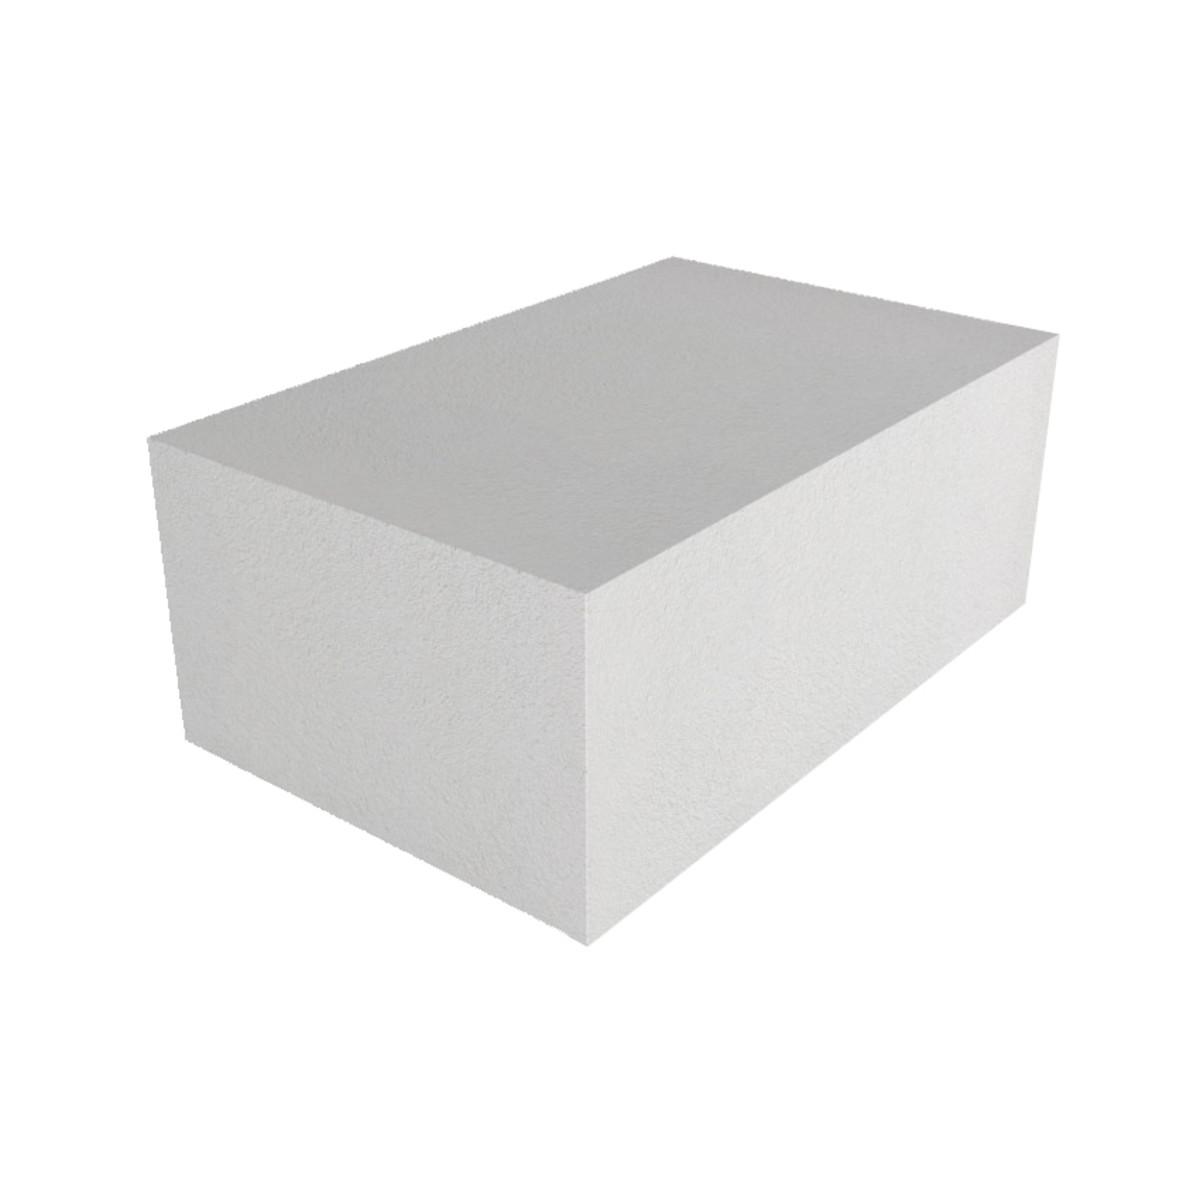 Блок газобетон D500 625х250х400 мм Новоблок